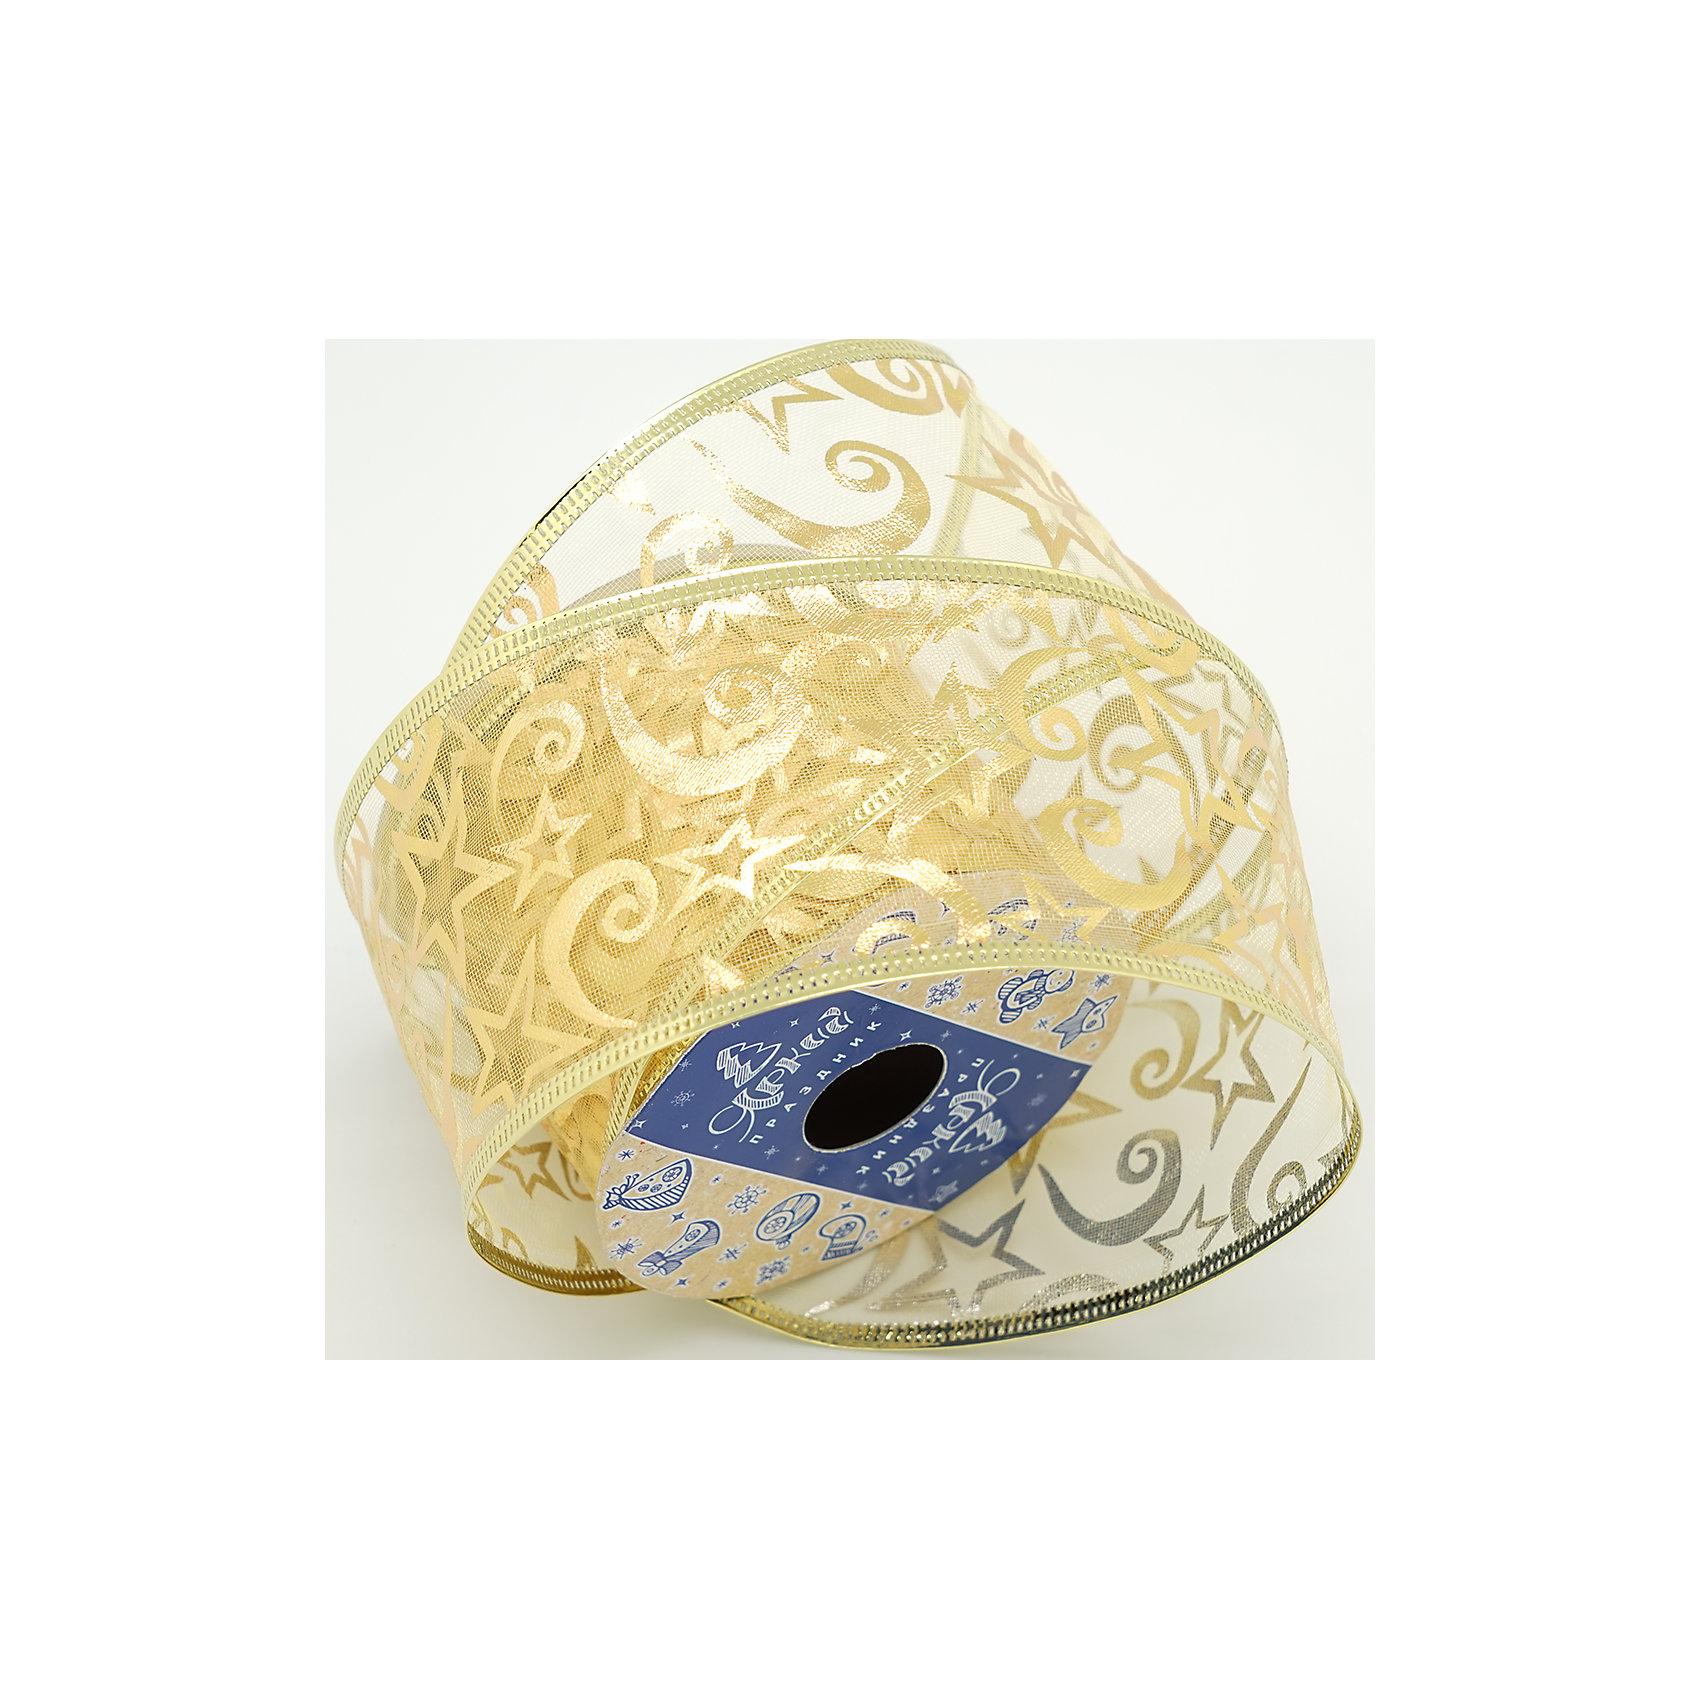 Декоративная лента,золото ажурное (0,08Х0,08Х0,06 м)лента  6 см декоративная категория 1 золото ажурное арт.16131 Лента выполнена из нейлона и  предназначена для оформления цветочных букетов, подарочных коробок, пакетов. Кроме того, декоративная лента с успехом применяется для художественного оформления праздничной елки.<br><br>Ширина мм: 80<br>Глубина мм: 80<br>Высота мм: 60<br>Вес г: 0<br>Возраст от месяцев: 72<br>Возраст до месяцев: 480<br>Пол: Унисекс<br>Возраст: Детский<br>SKU: 5051650